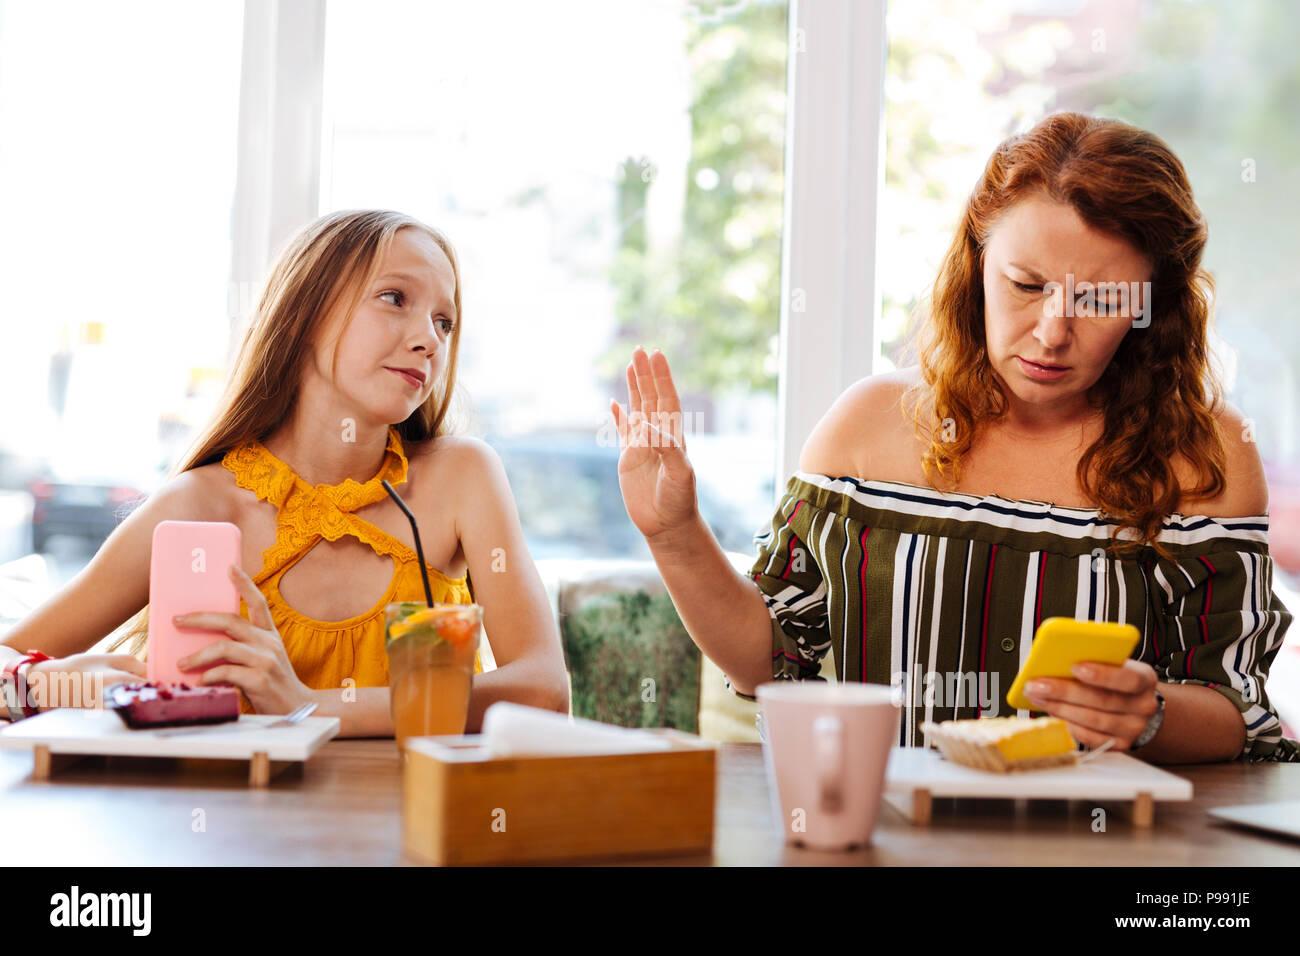 Rothaarige berufstätige Mutter Gefühl extrem beschäftigt Stockbild